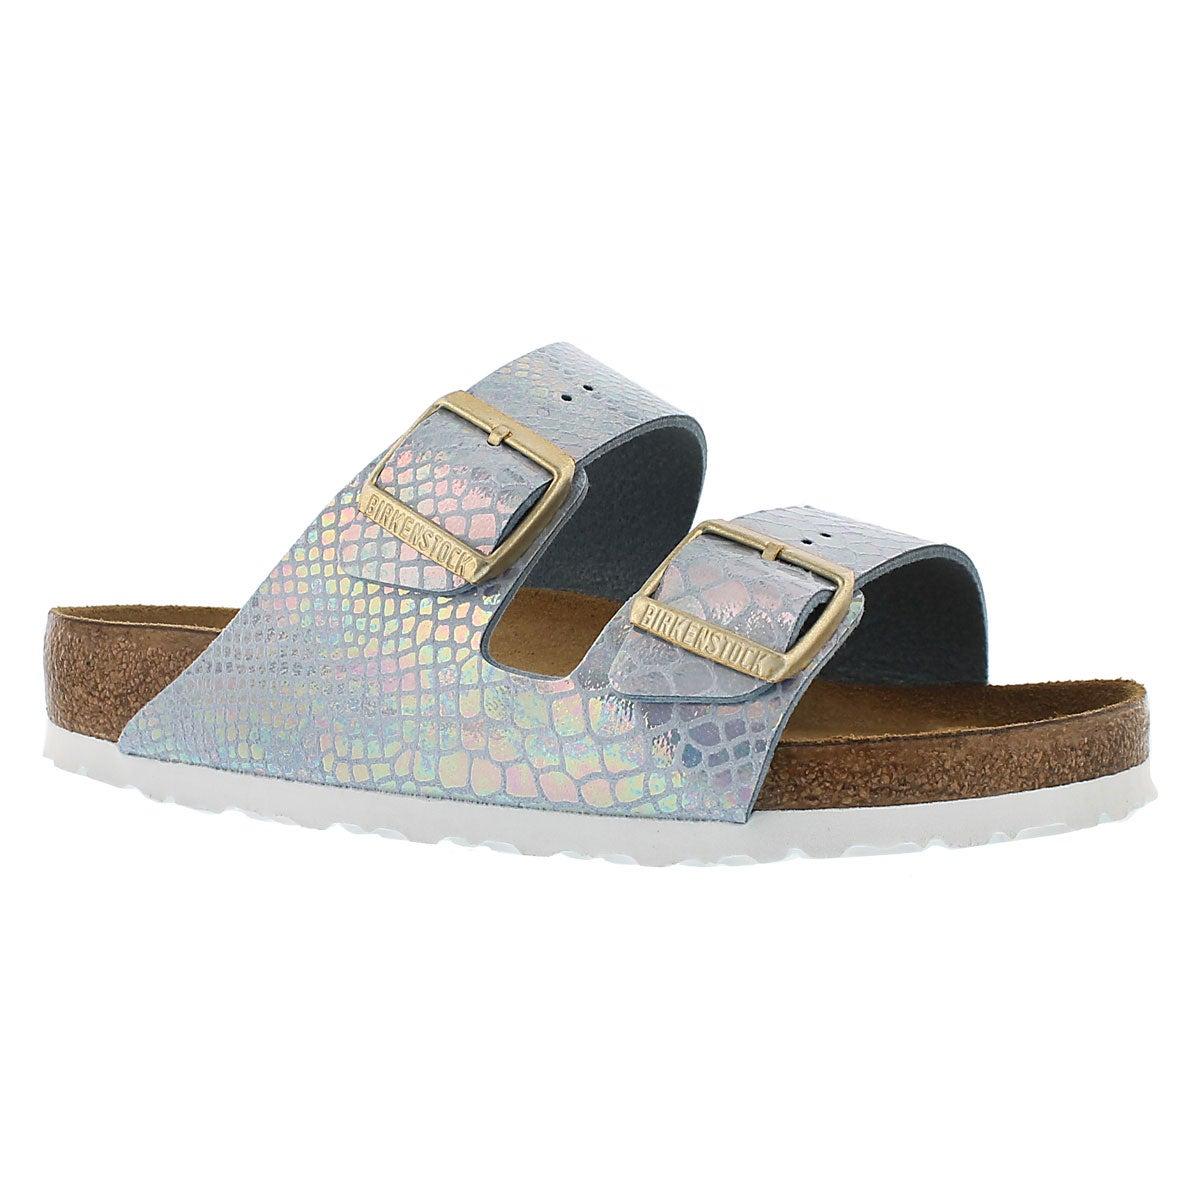 Lds Arizona shiny snake sky sandal